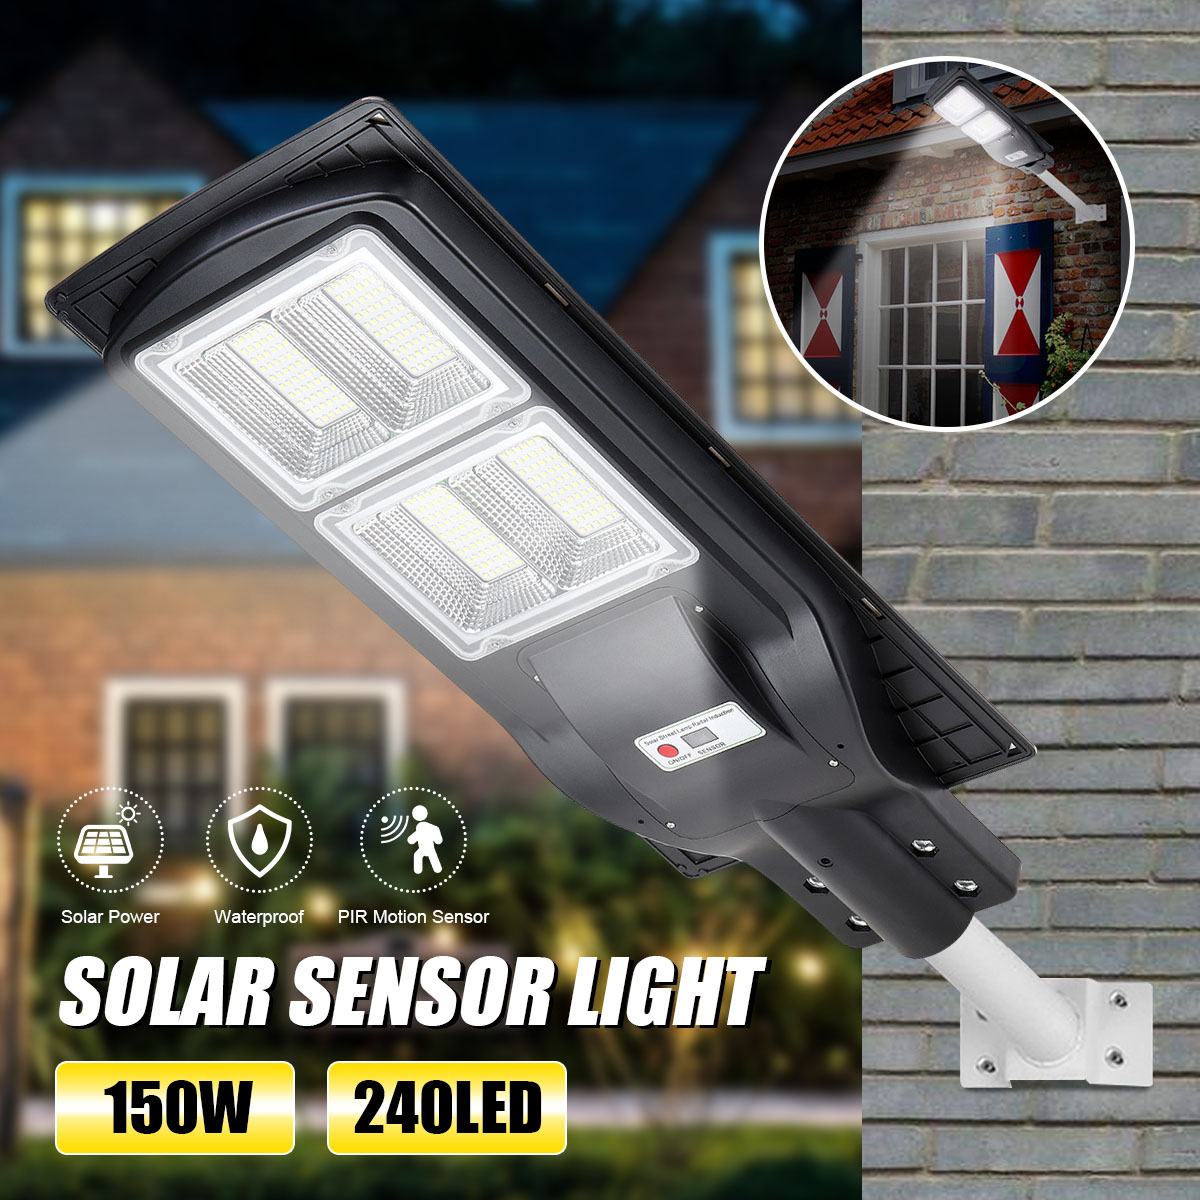 150W 240 lampadaire solaire LED contrôle de la lumière + Radar détection + télécommande étanche extérieur jardin clôture mur minuterie lampe